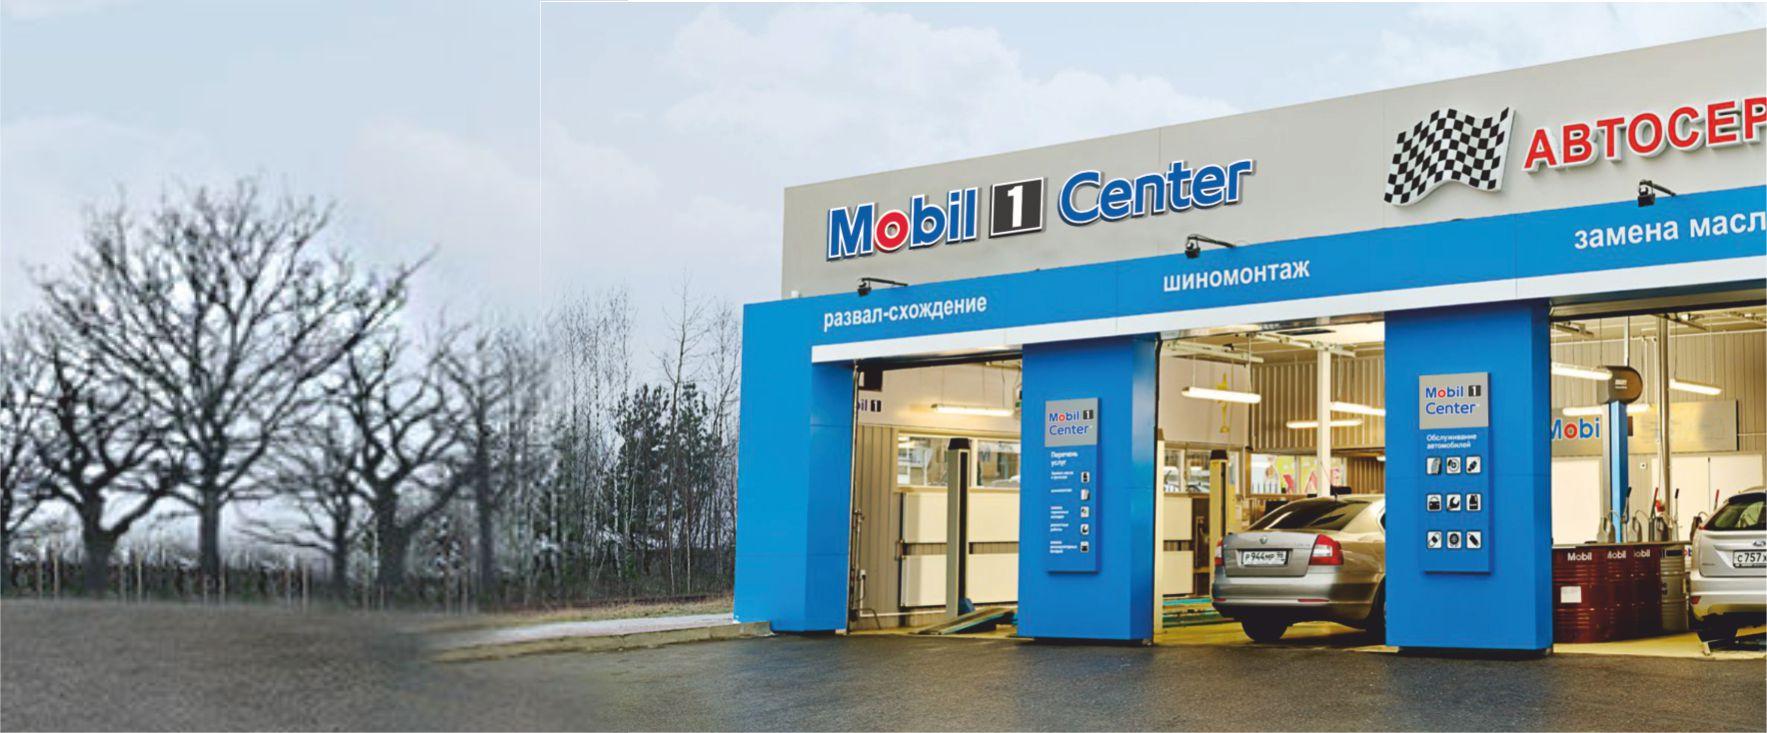 Магазин Mobil 1